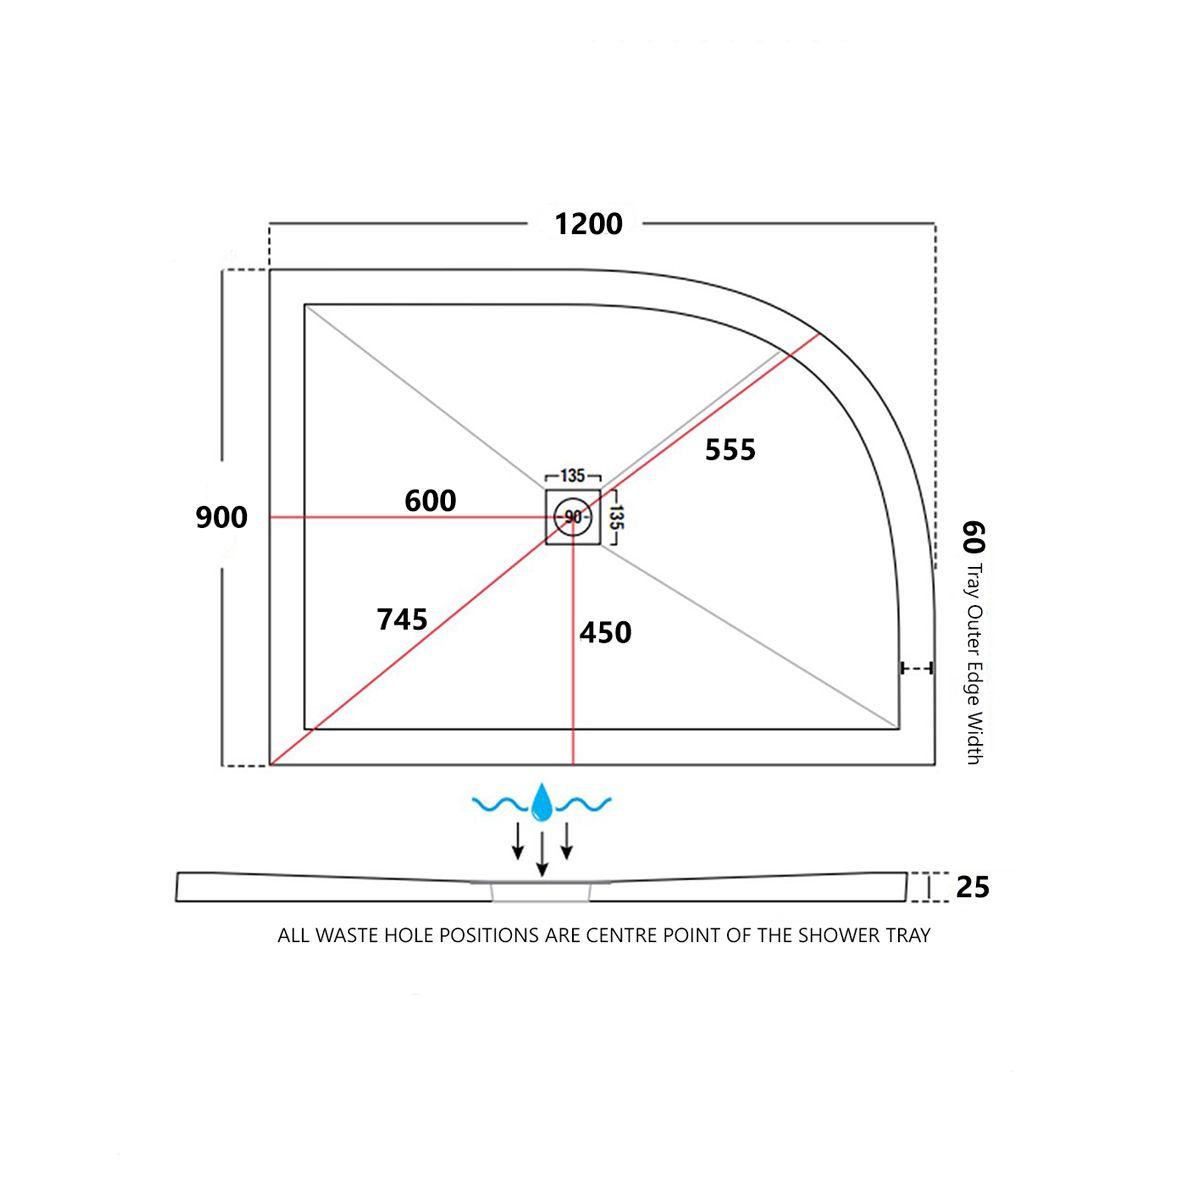 ultraslimoffsetquadrantshowertray1200x900withshowerwasterighthanddimensions